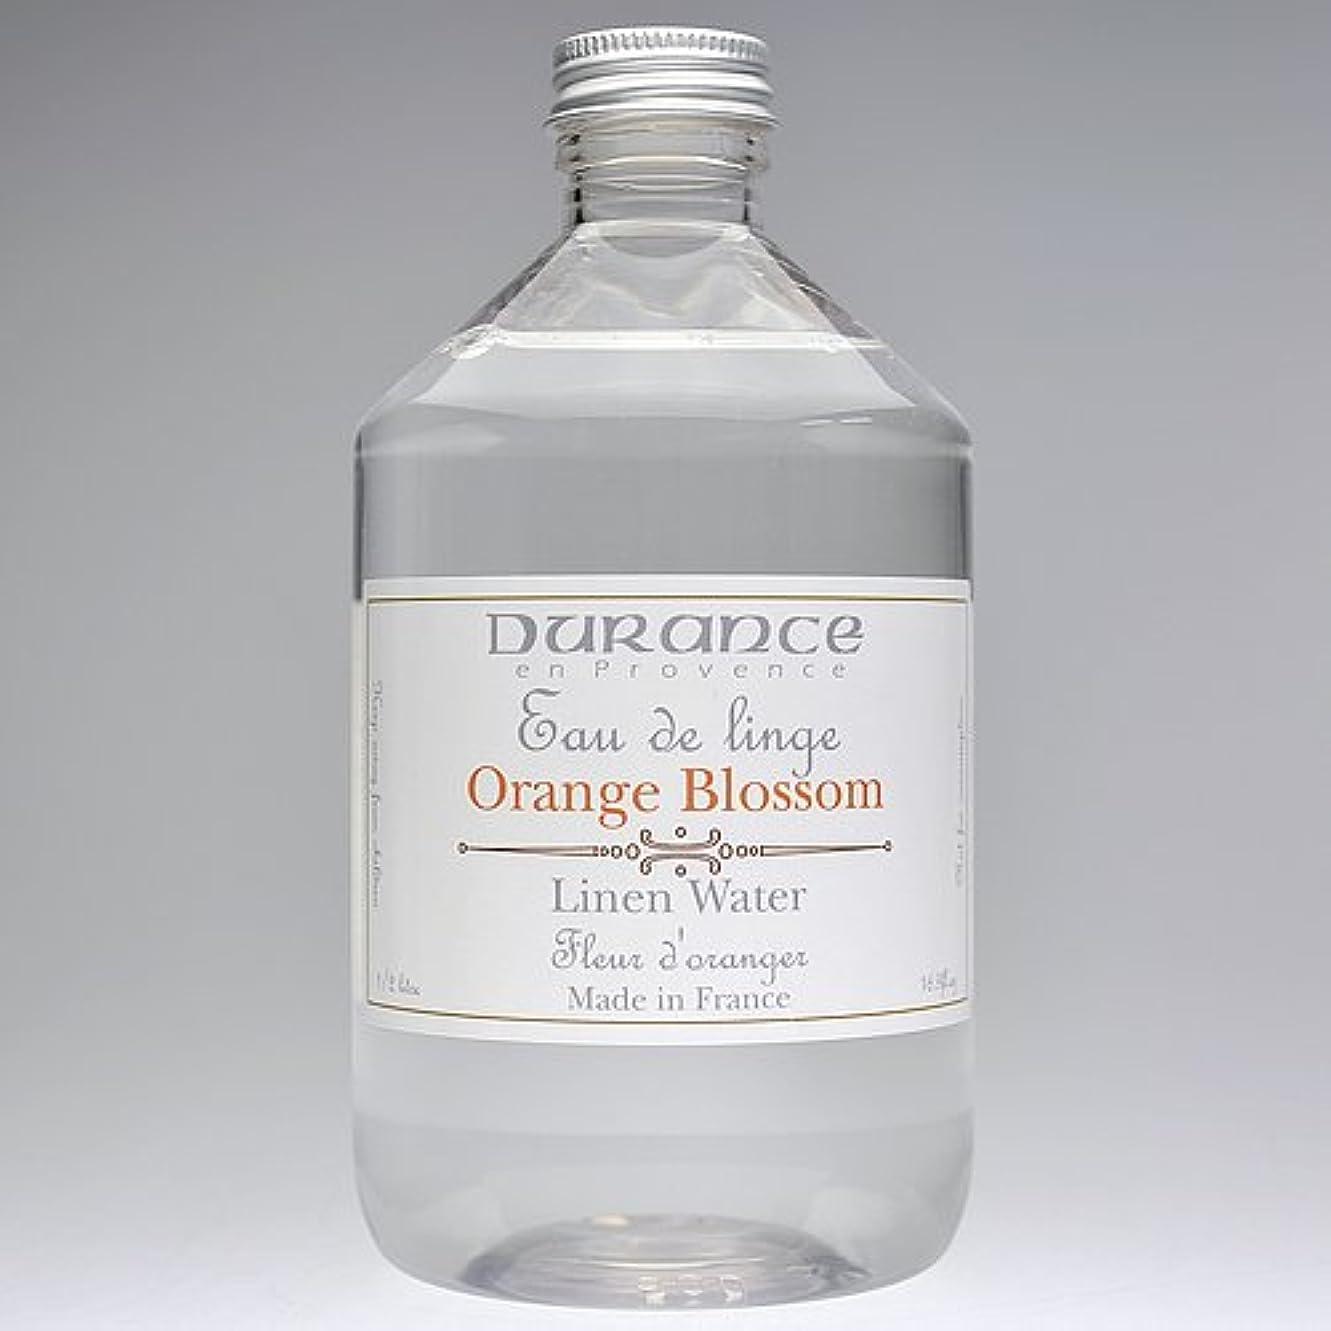 痛み残酷なマッサージDURANCE(デュランス) リネンケアシリーズ リネンウォーター 500ml 「フラワーオレンジ」 4994228008619